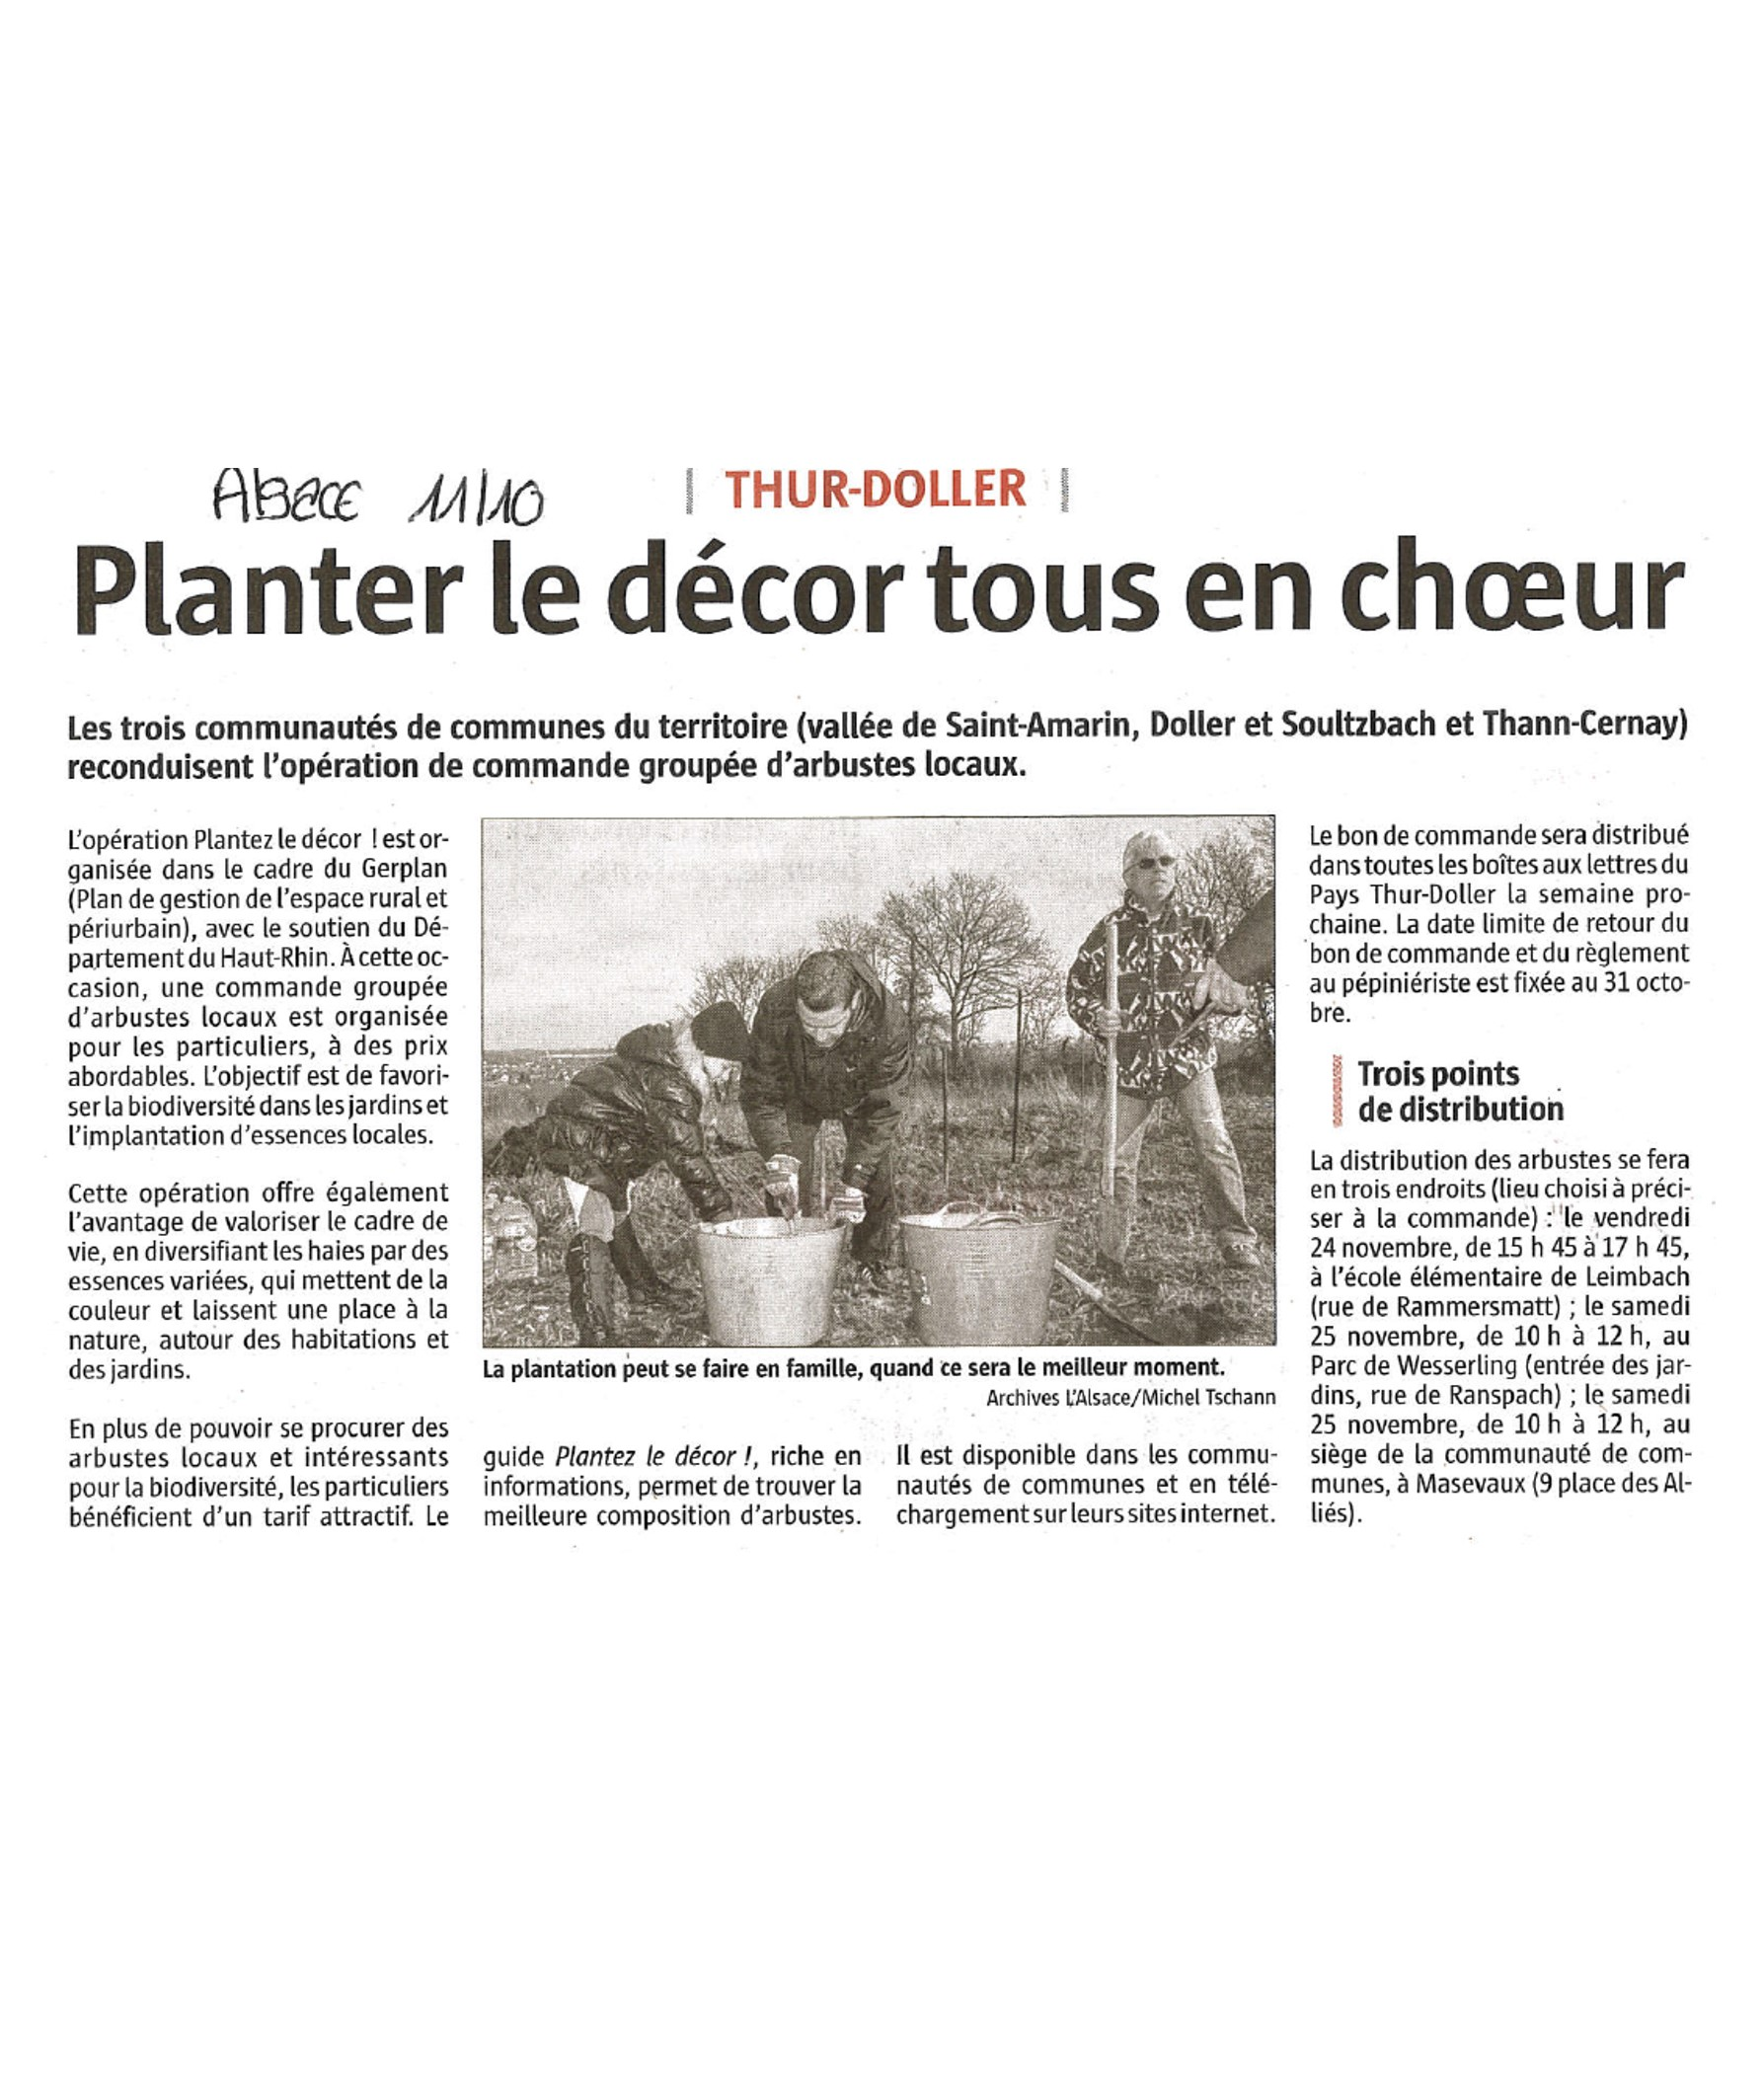 Planter le décor tous en choeur - L'Alsace - 11-10-2017